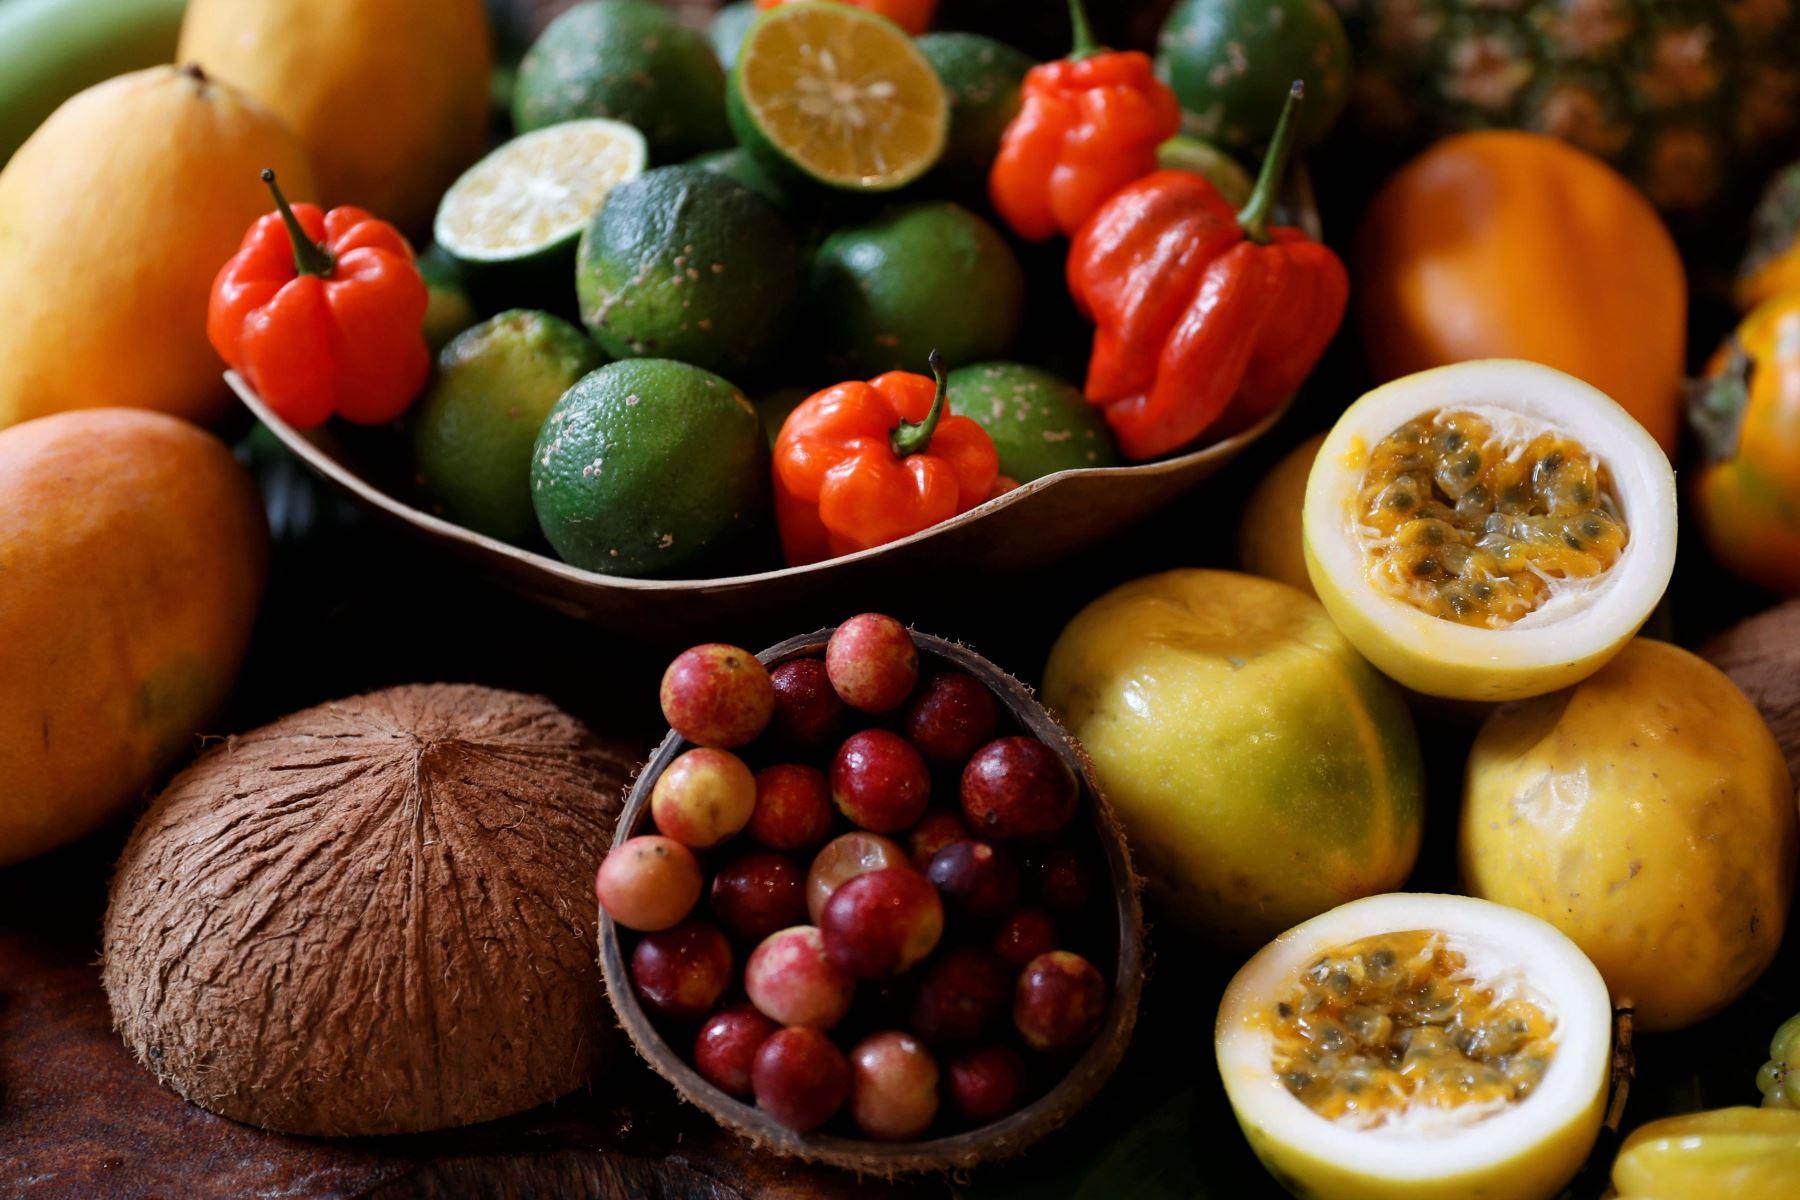 La vasta Amazonía peruana alberga en su fértil territorio una serie de superalimentos que sorprenden al mundo por su gran valor nutricional.